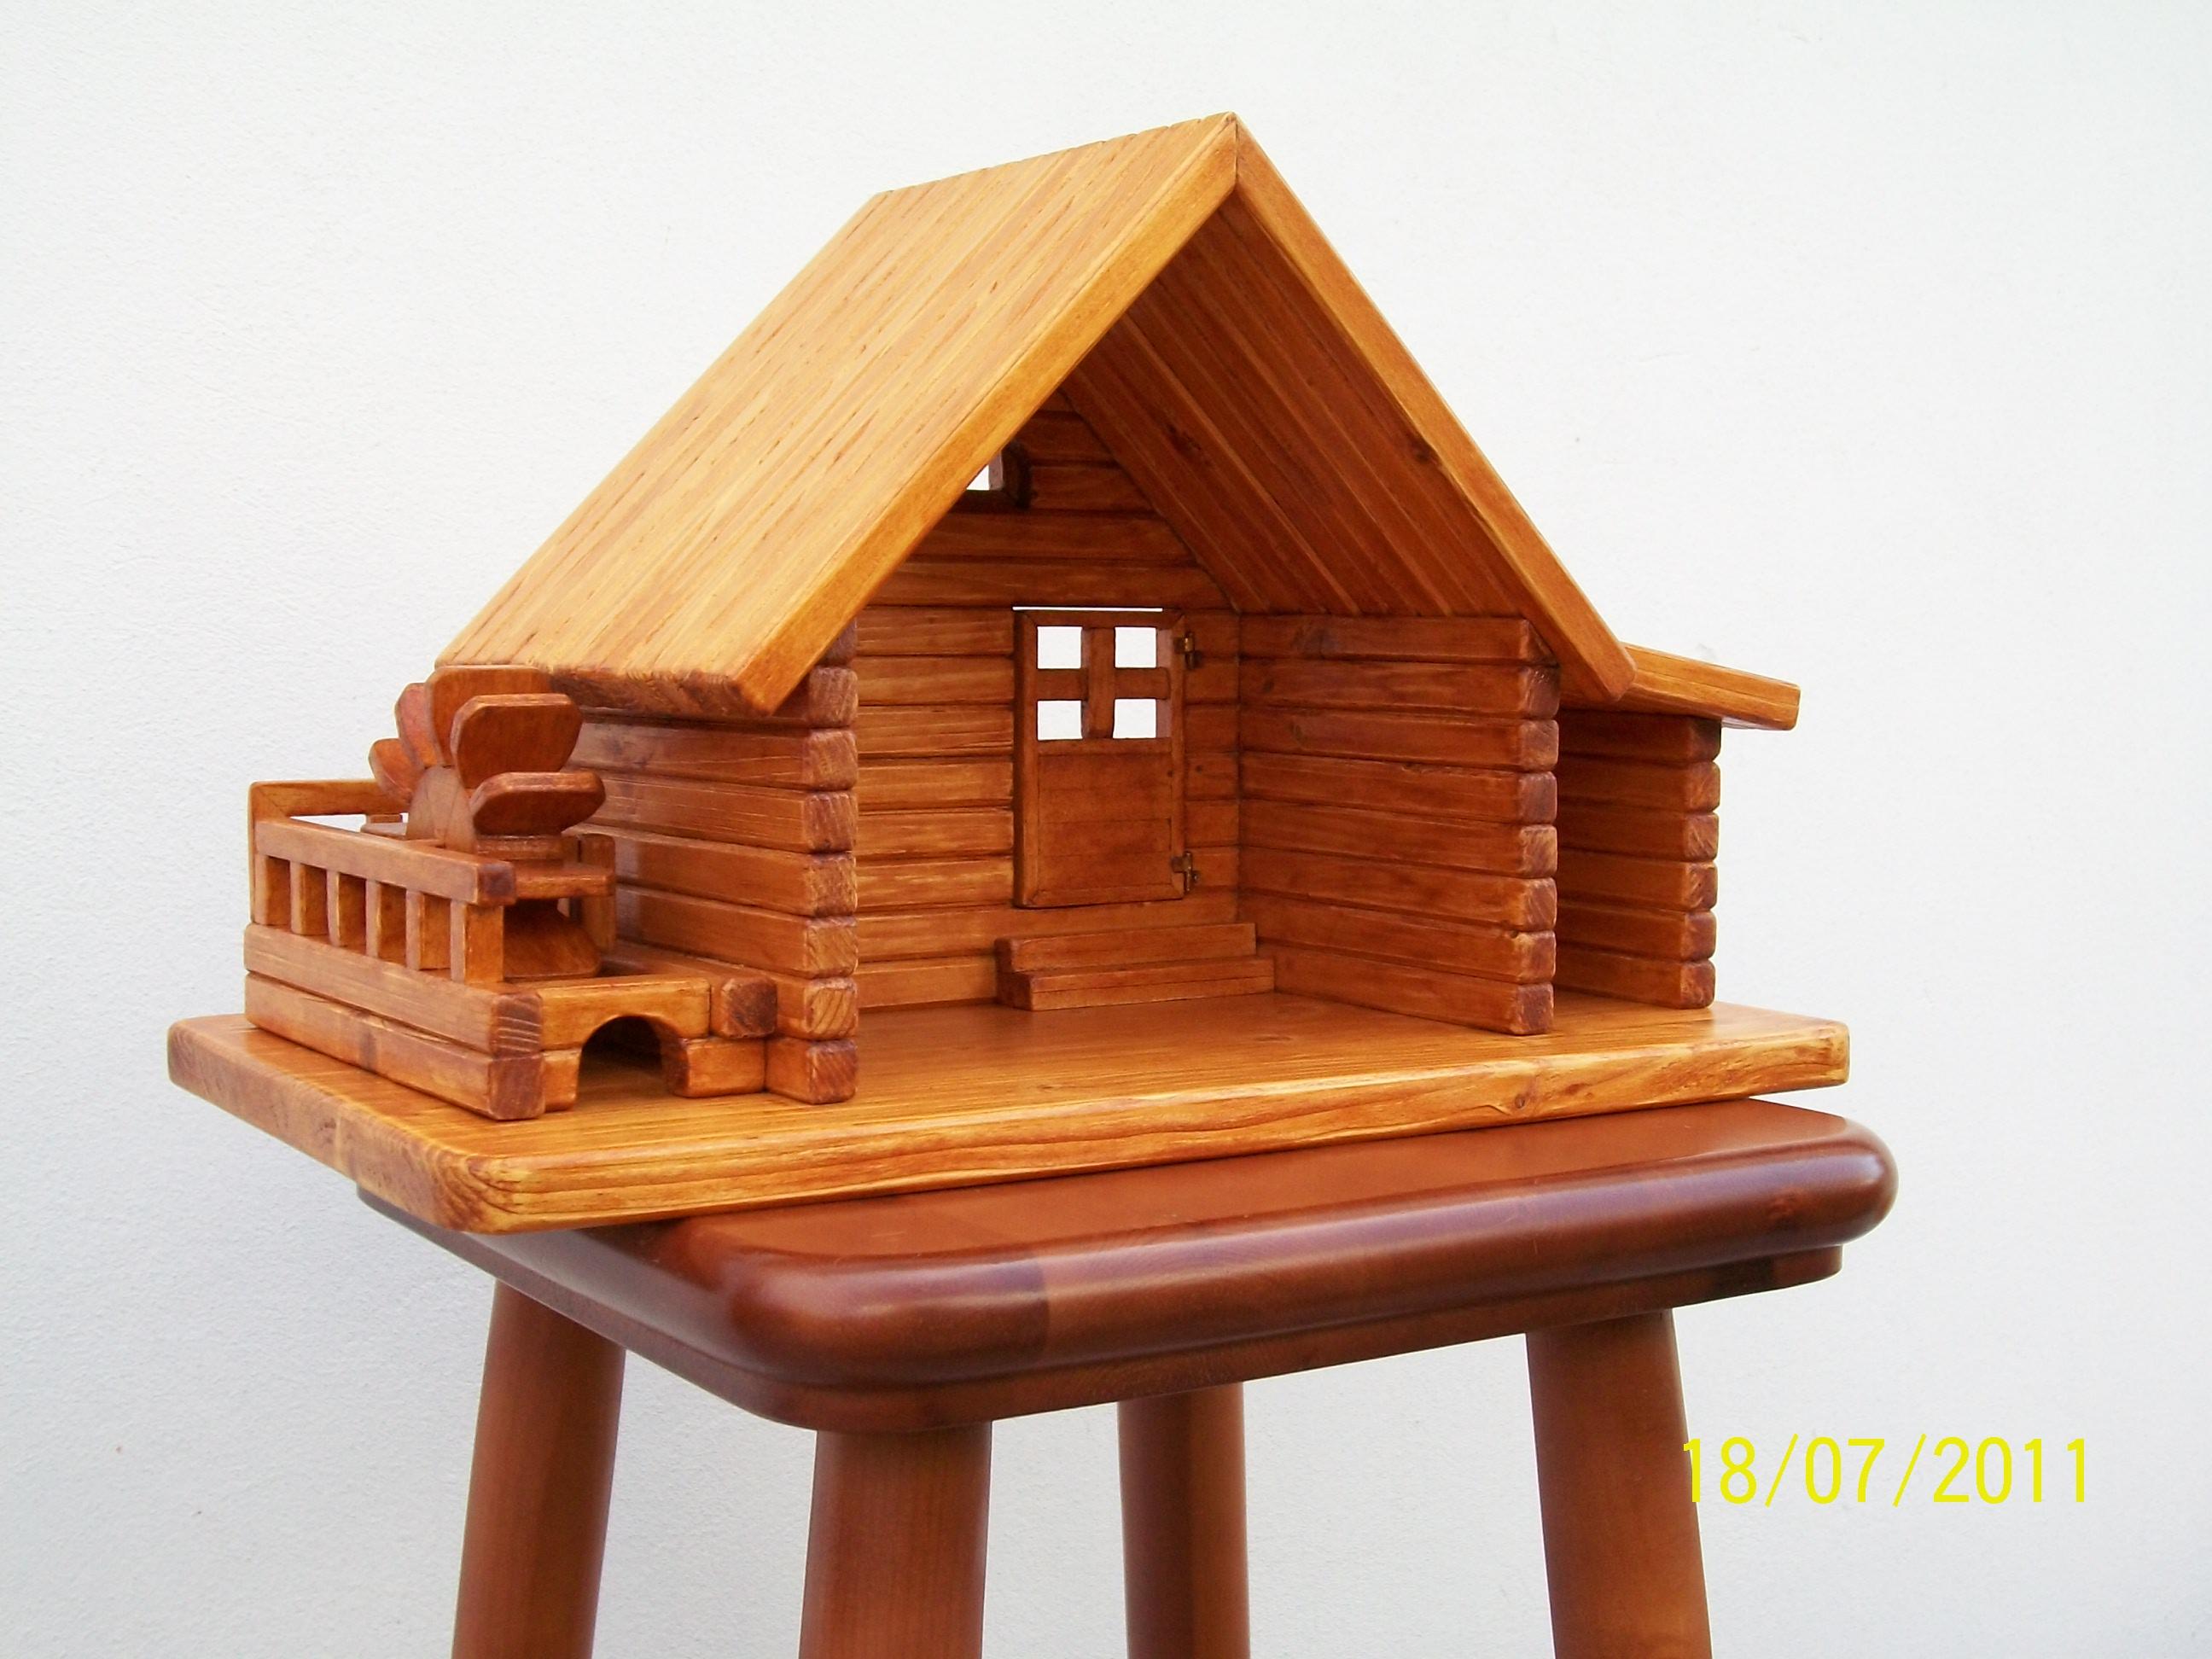 Oggetti in legno fai da te by silvano capanna con for Oggetti natalizi fai da te